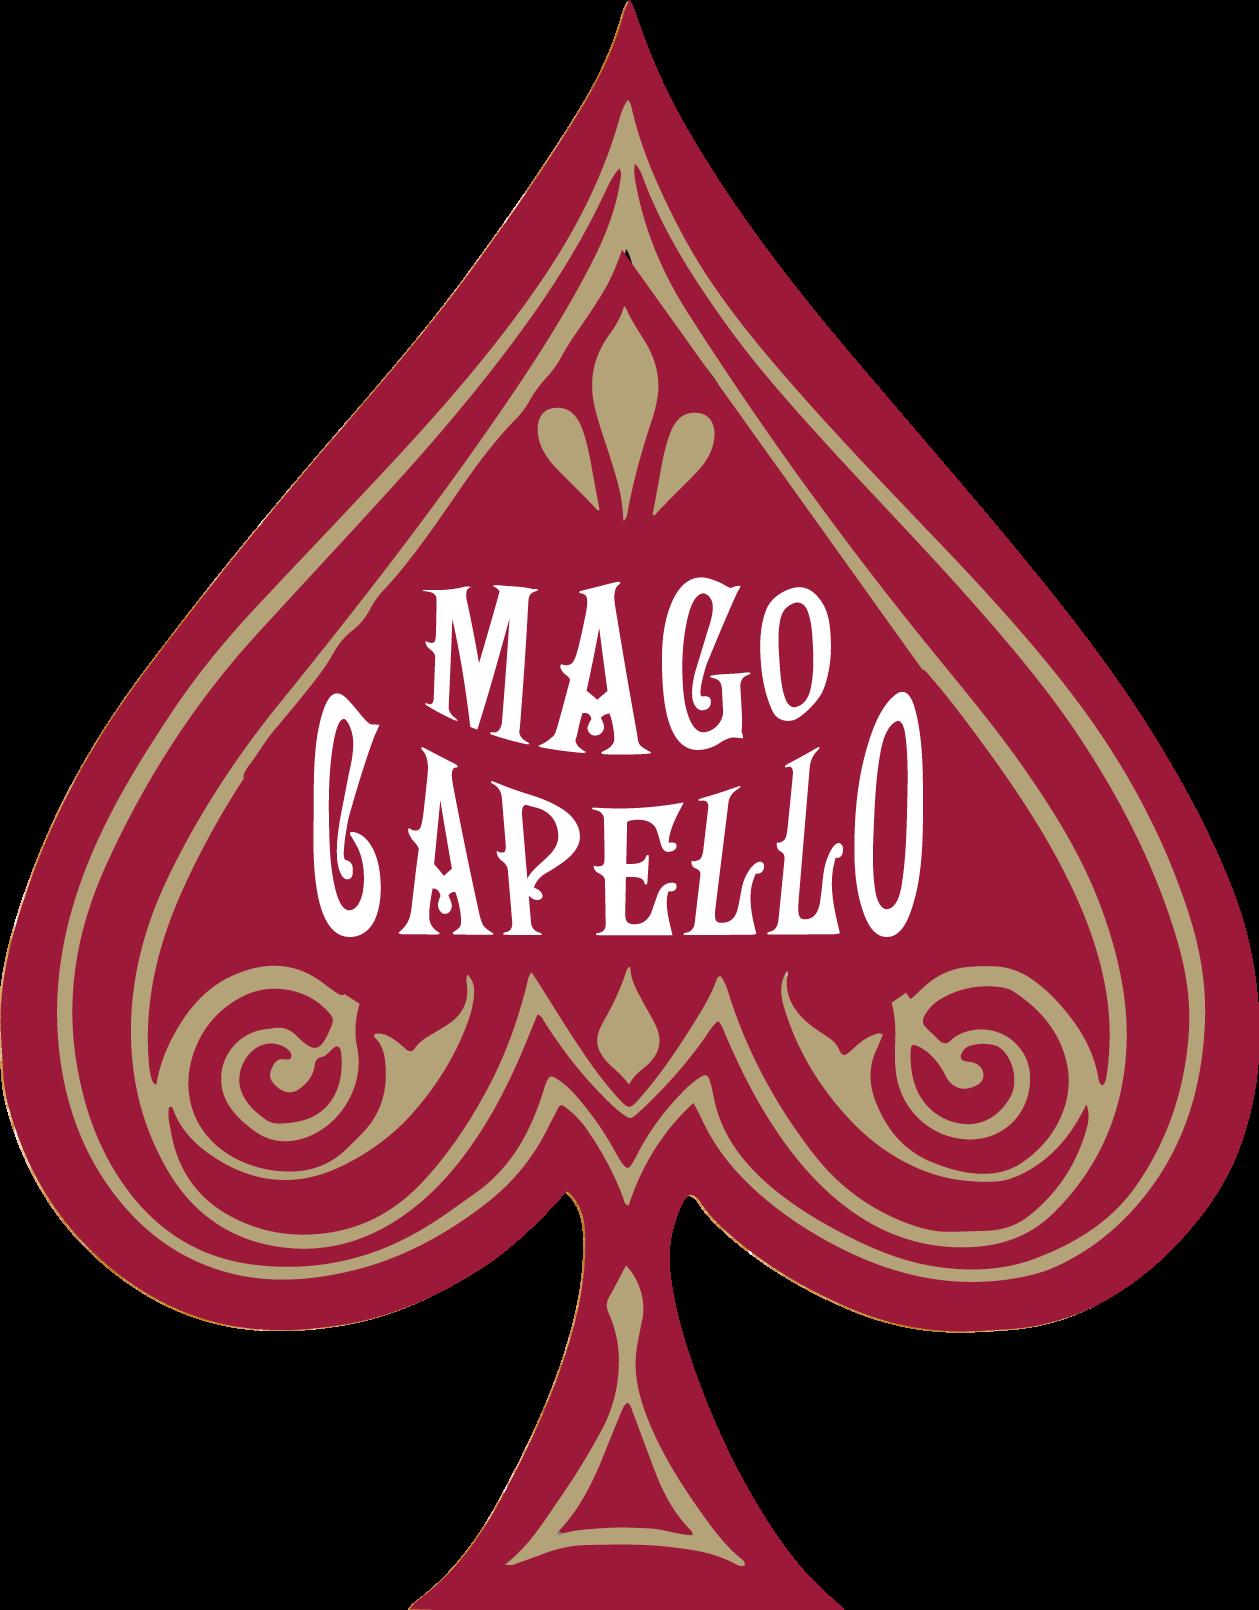 Mago Capello